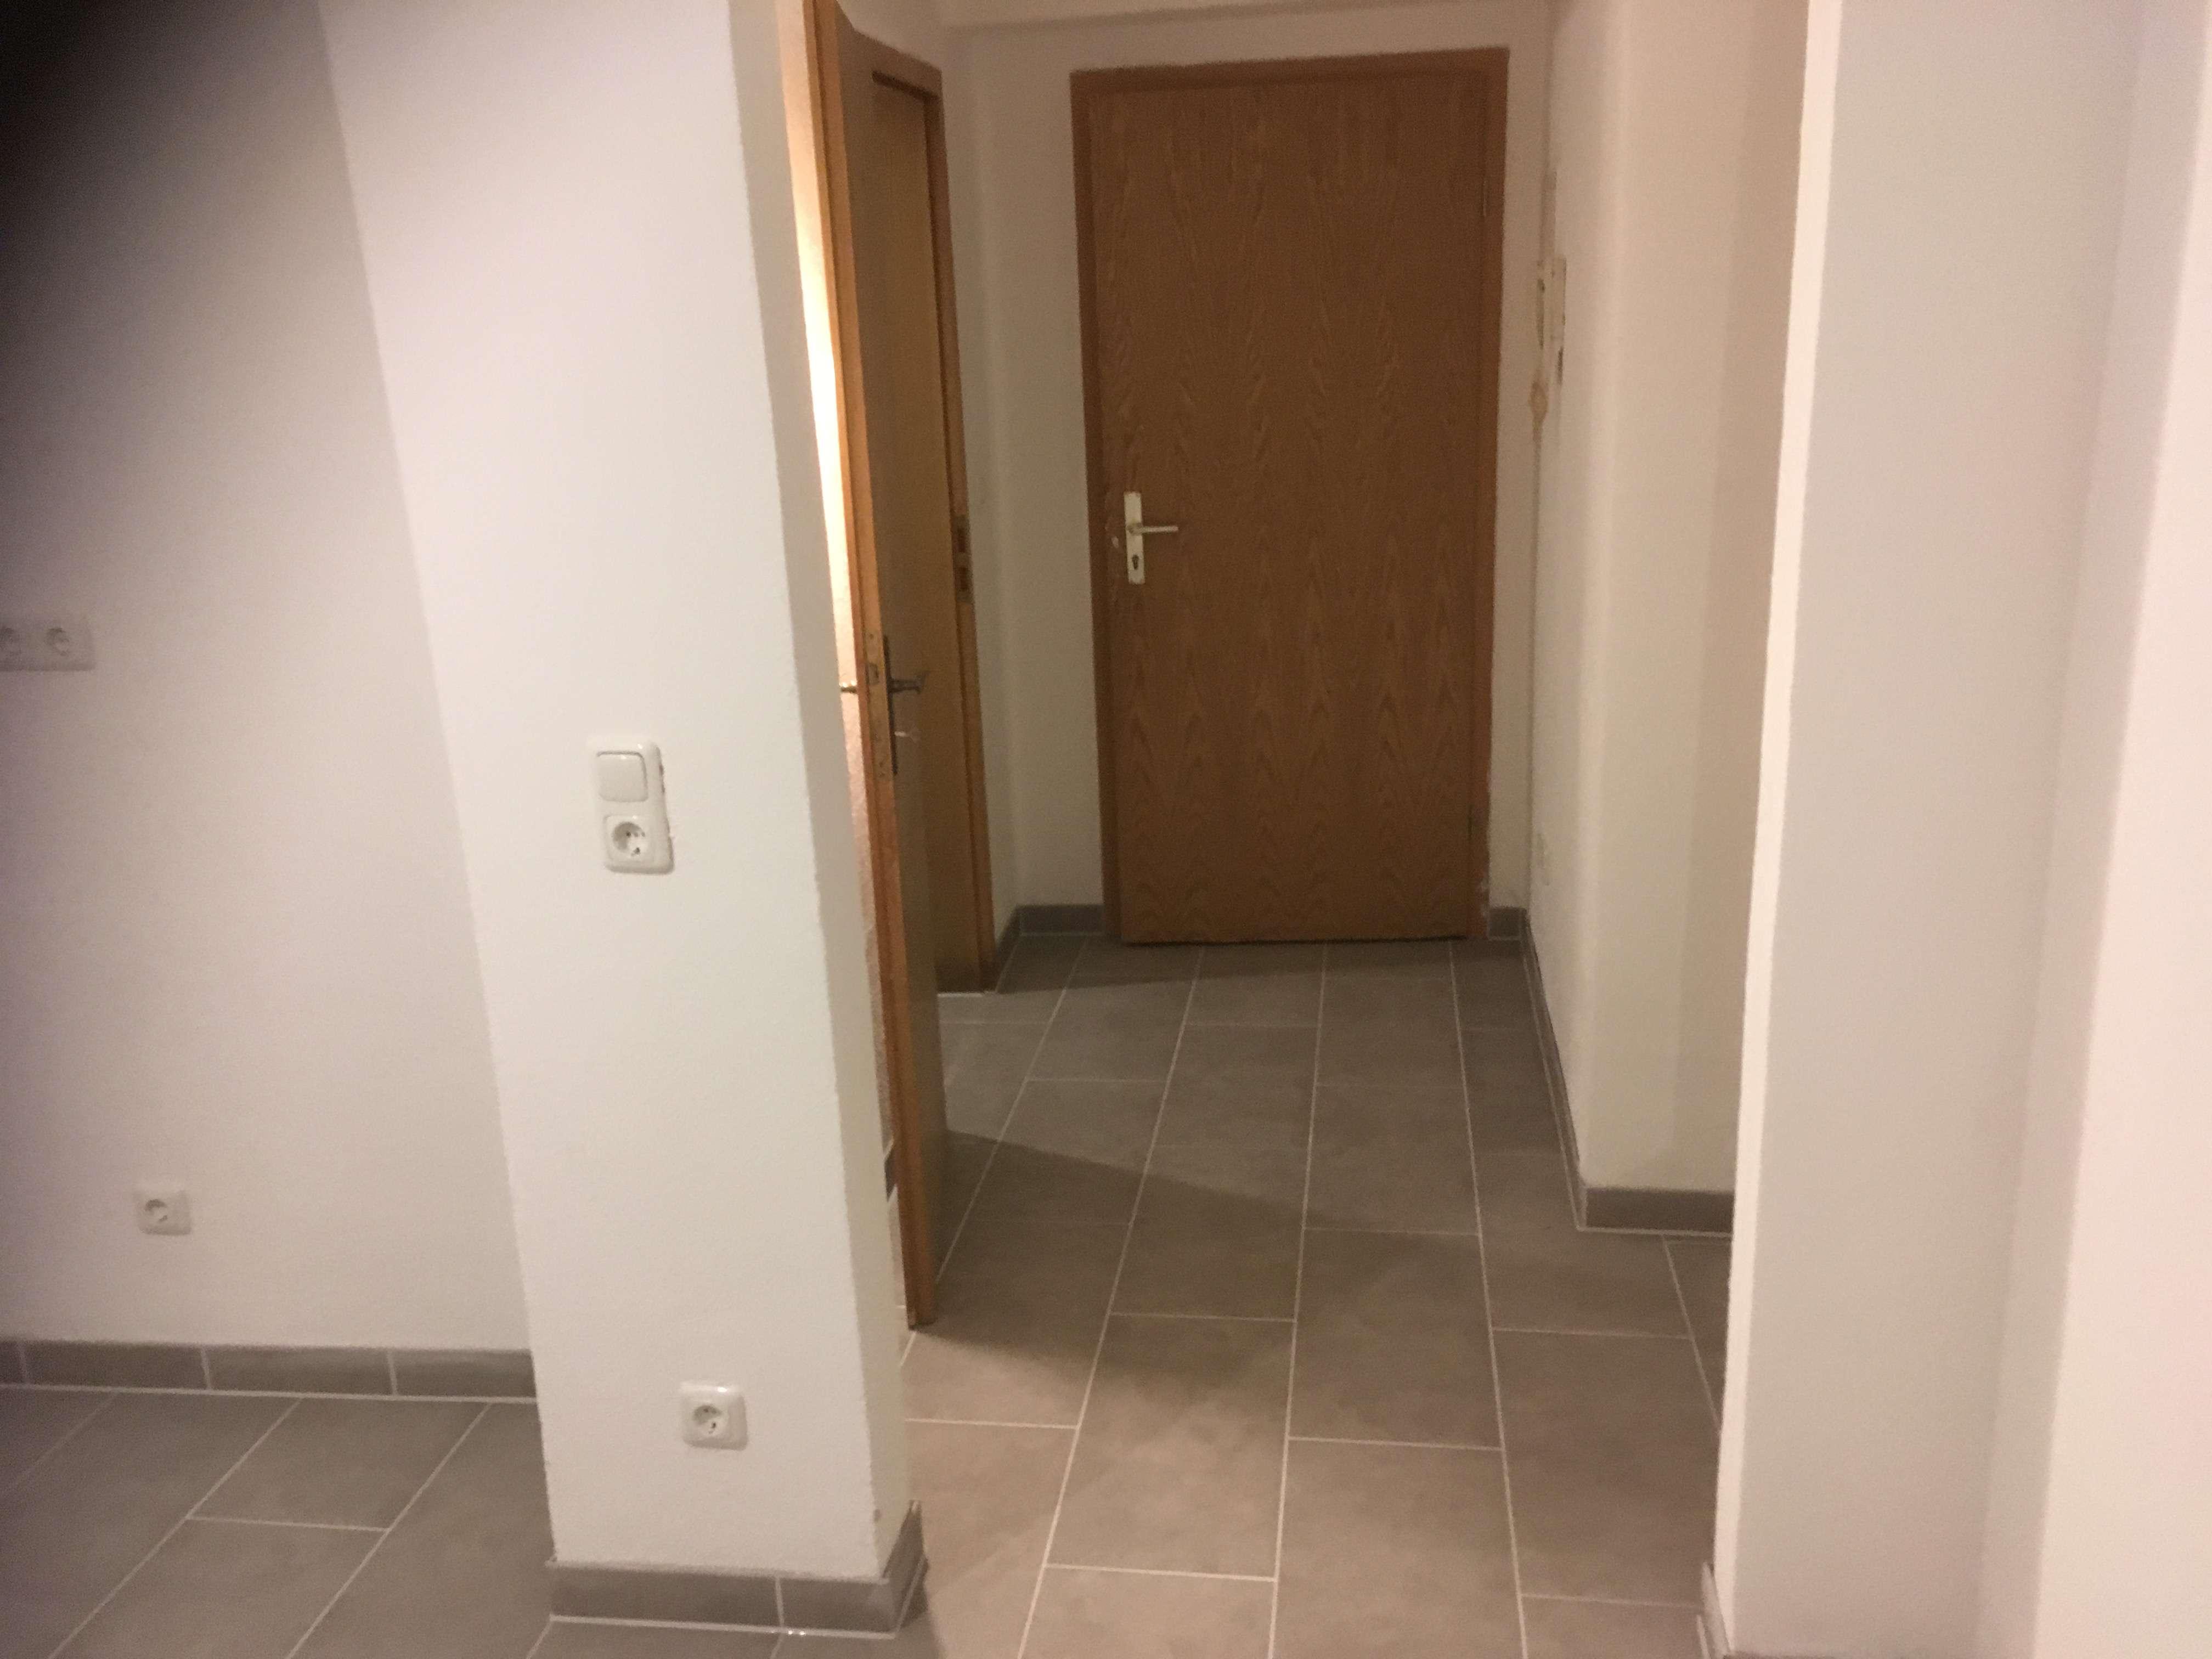 Attraktive, modernisierte Souterrain 1-Zimmer-Wohnung in Neuburg an der Donau in Neuburg an der Donau